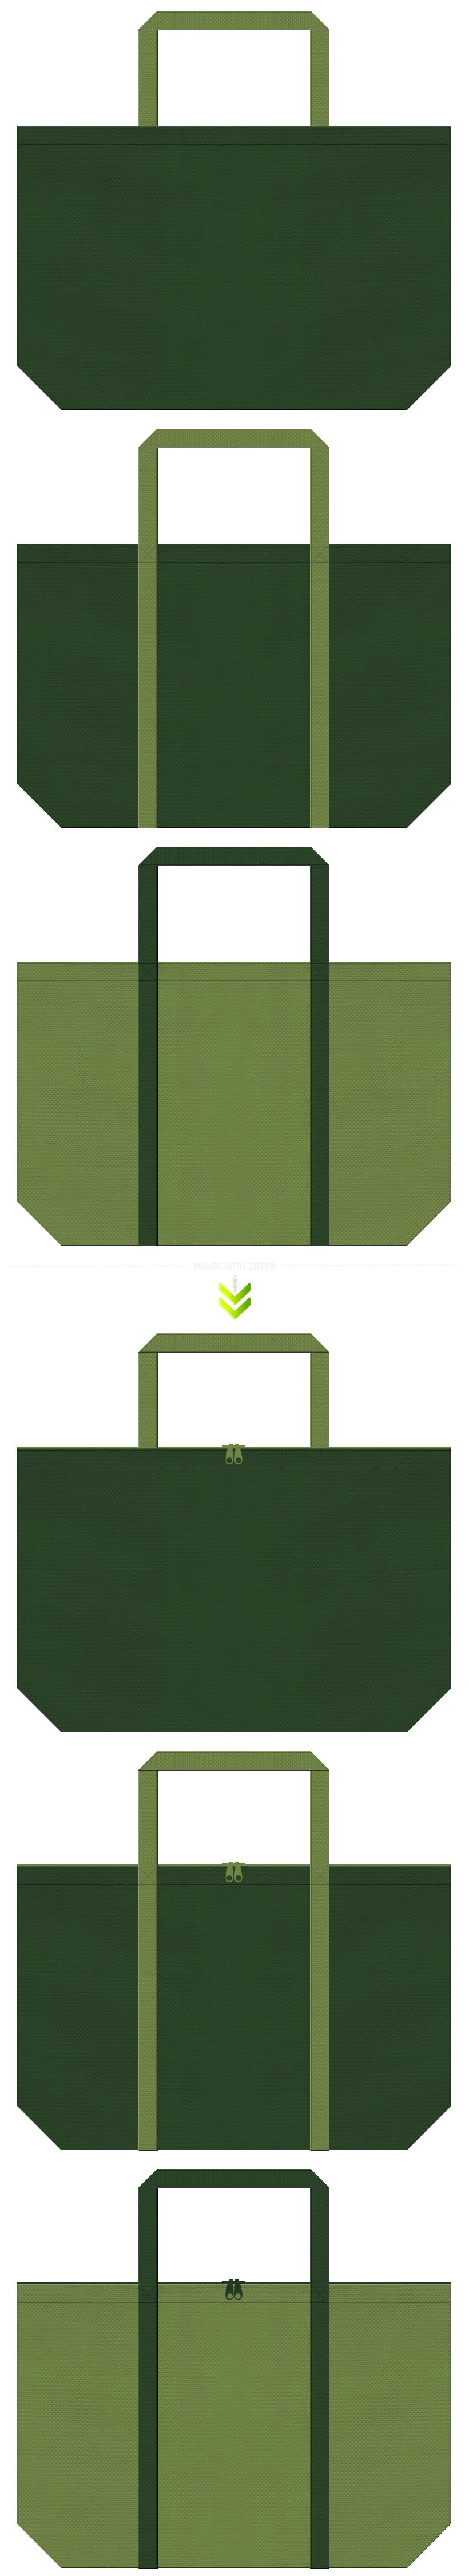 濃緑色と草色の不織布エコバッグのデザイン。ジャングルイメージのショッピングバッグやノベルティにお奨めです。